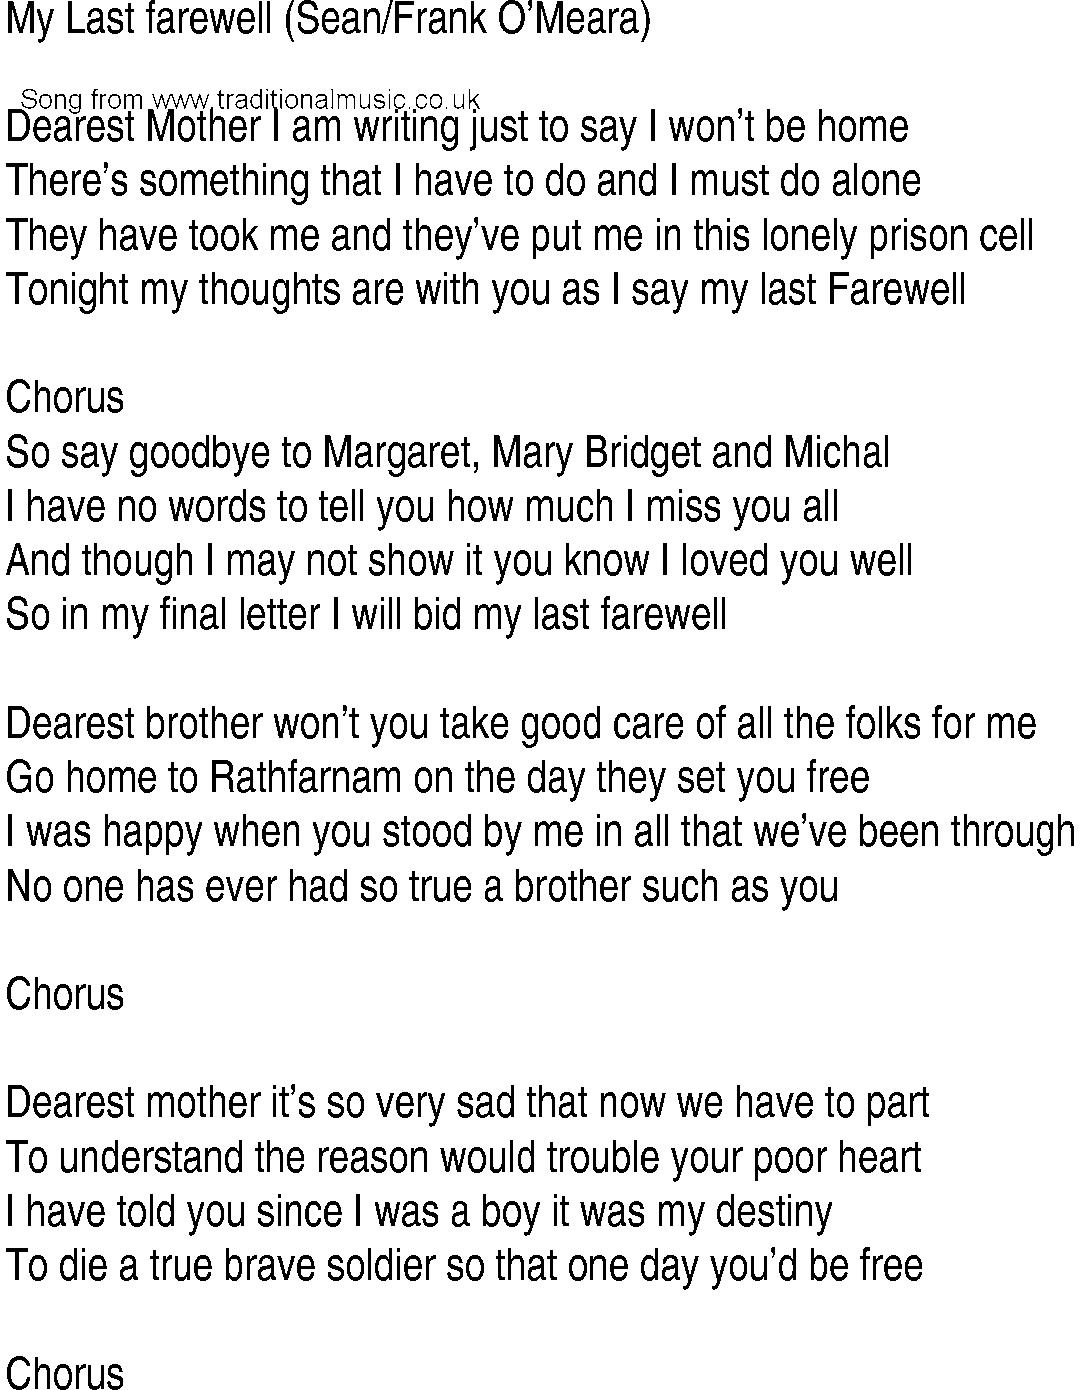 Farewell Letter